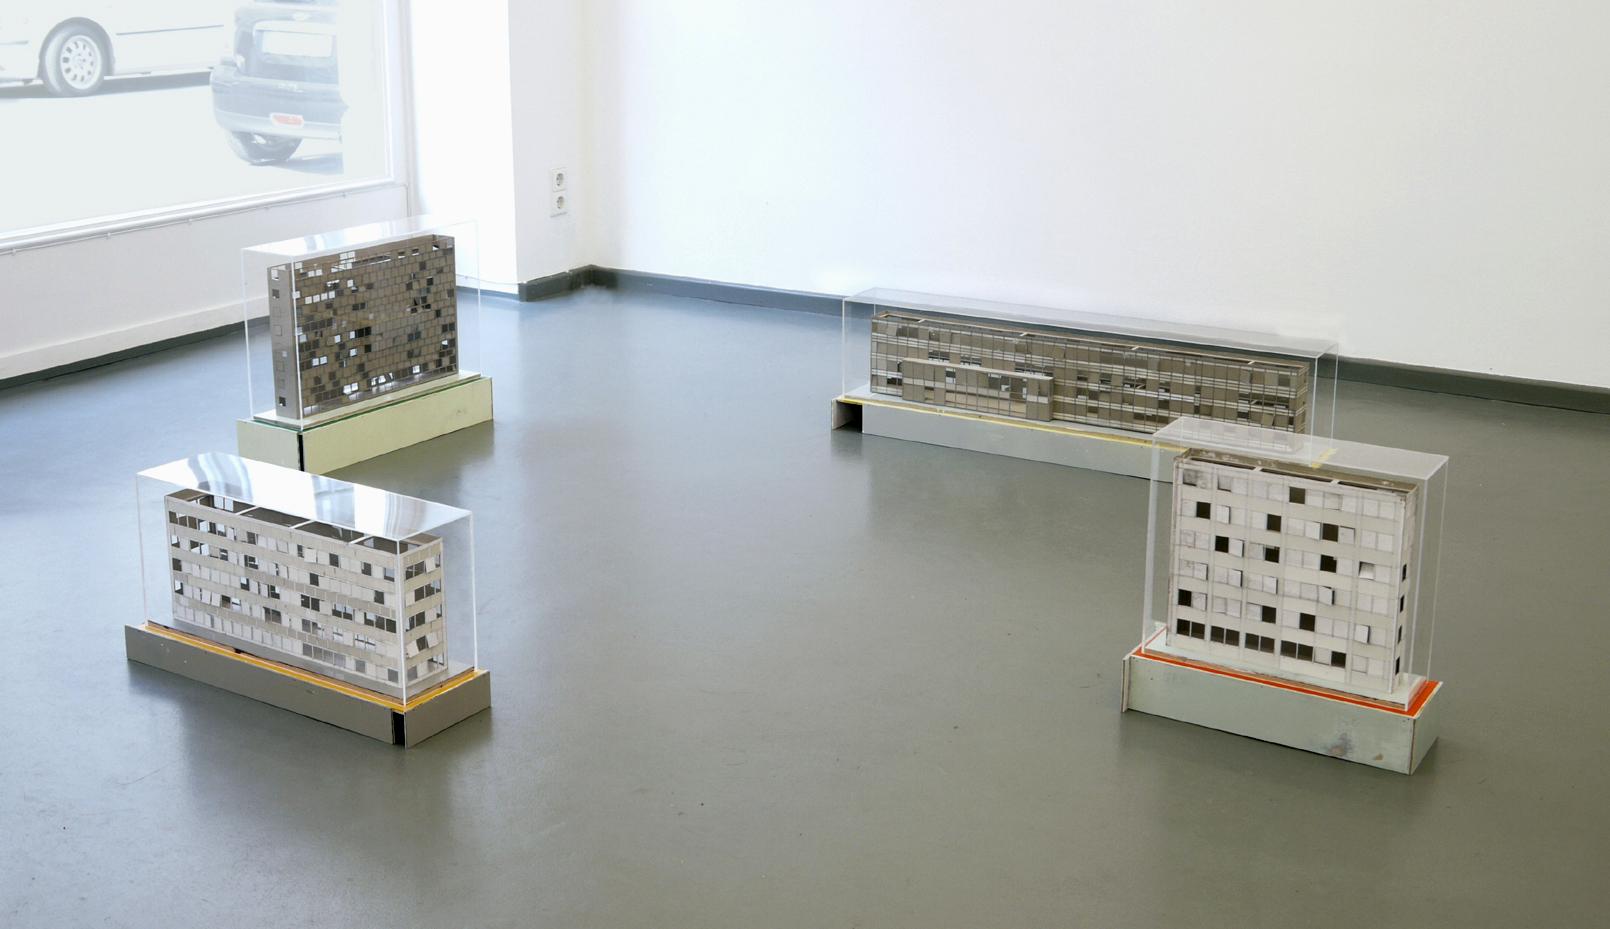 exhibition view: Hausaufgaben, Block 1-4, 2011, Rasche Ripken, Berlin